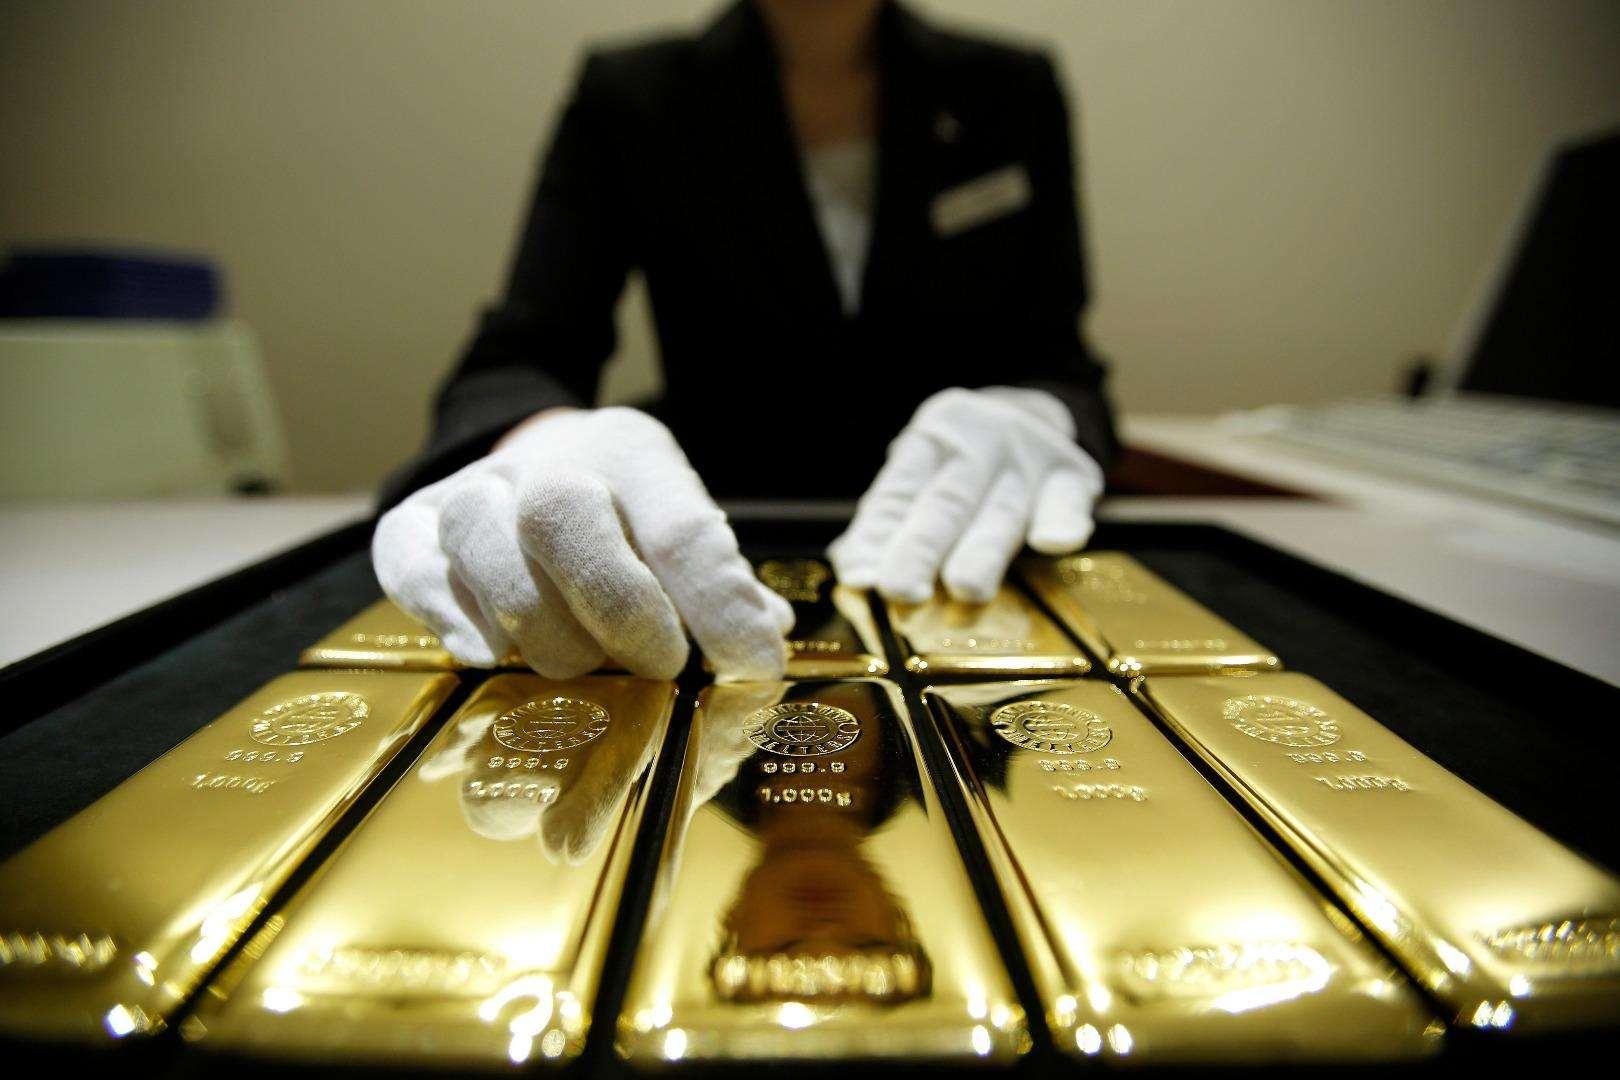 现货黄金反弹探千五 技术面释放这一信号